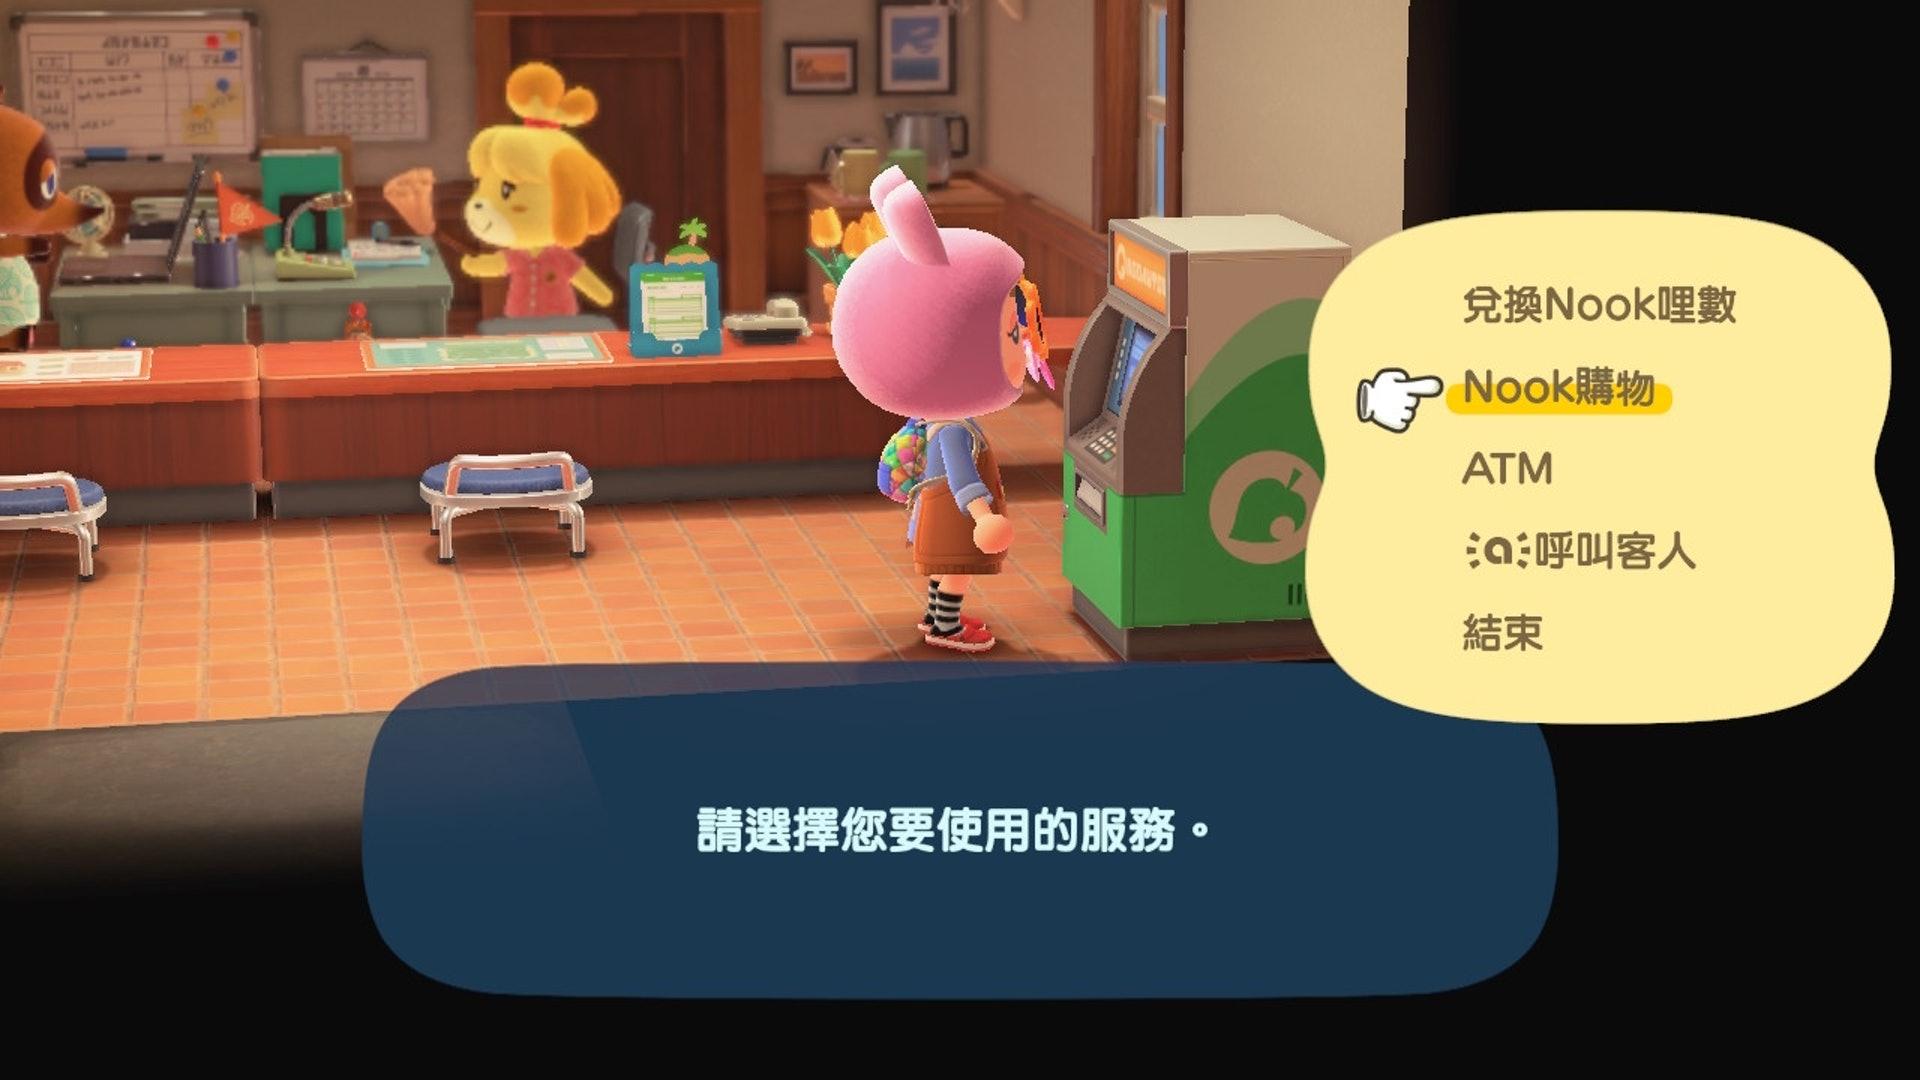 兌換成功後,可在「狸端機」的「Nook 購物」買到活動物品(遊戲截圖)